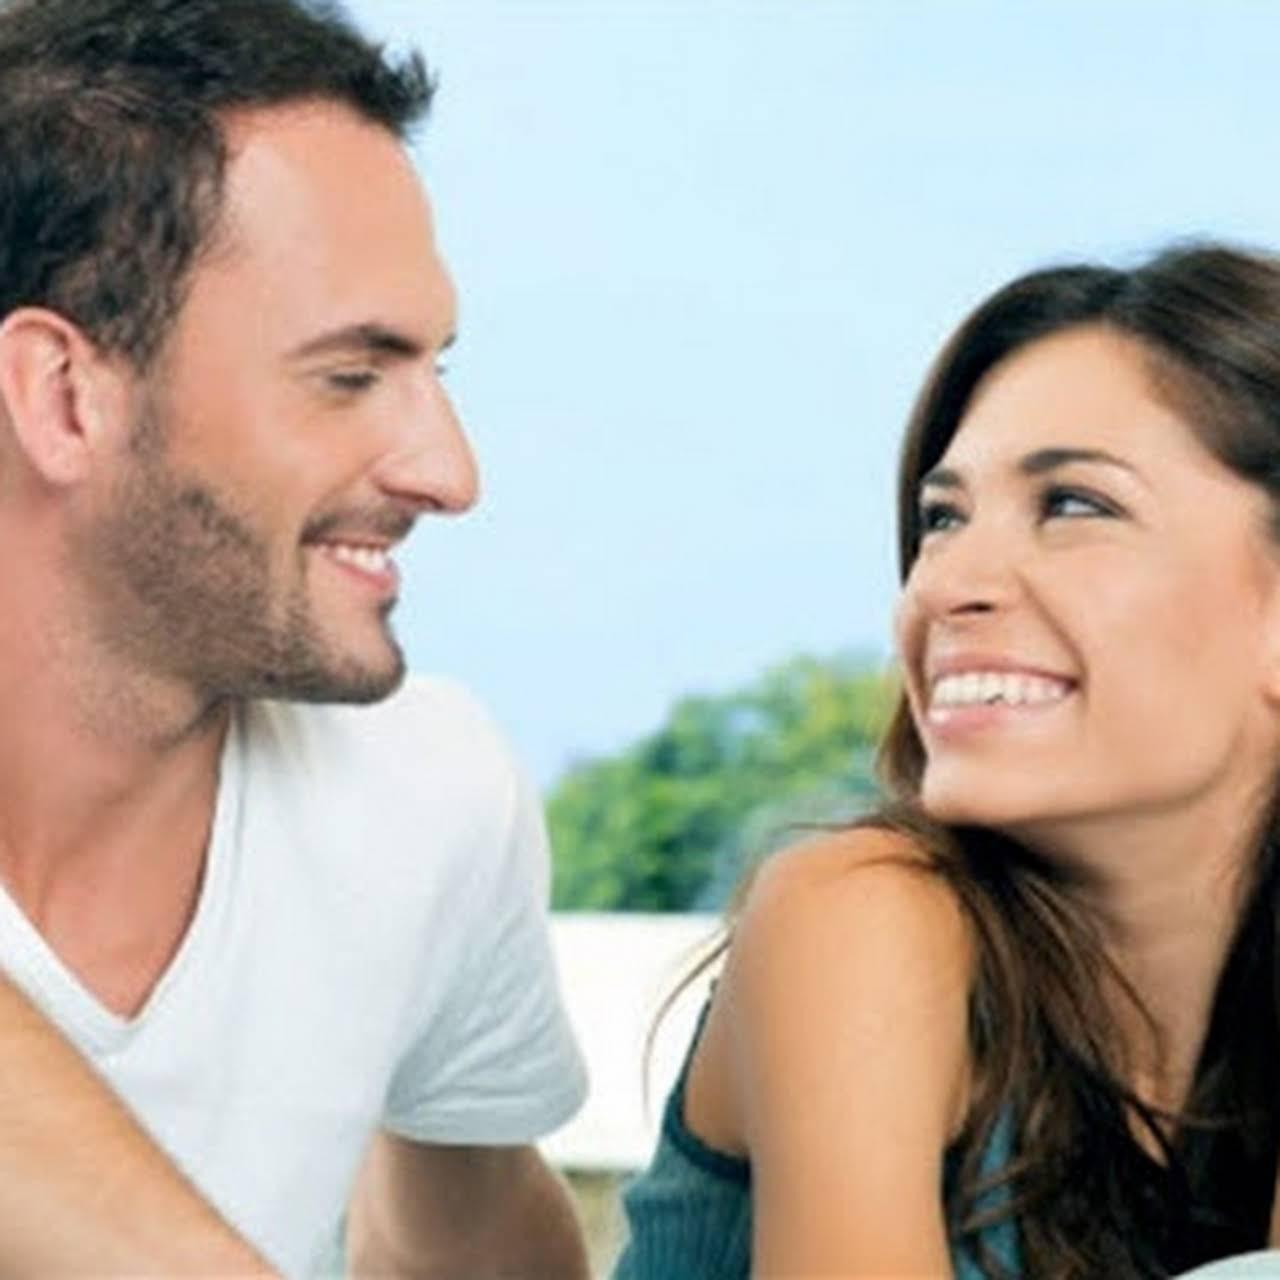 társkereső webhelyek hogyan működnek oasis randevú keresés